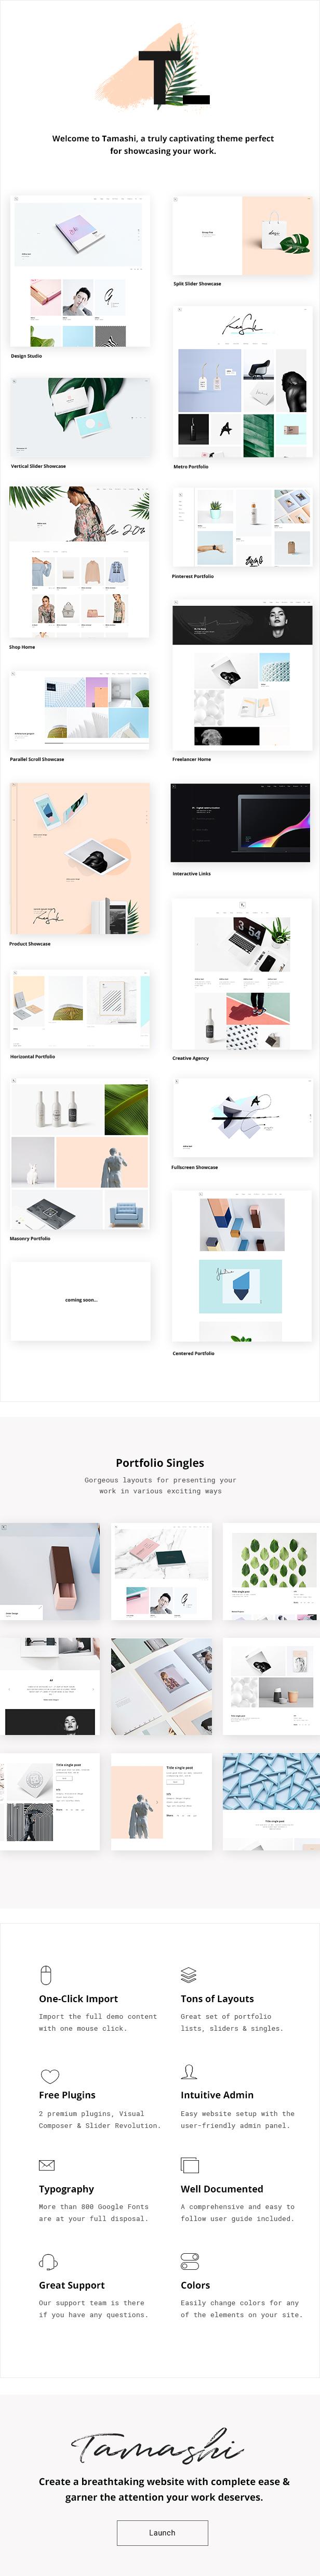 WordPress theme Tamashi - A Contemporary Portfolio Theme (Portfolio)